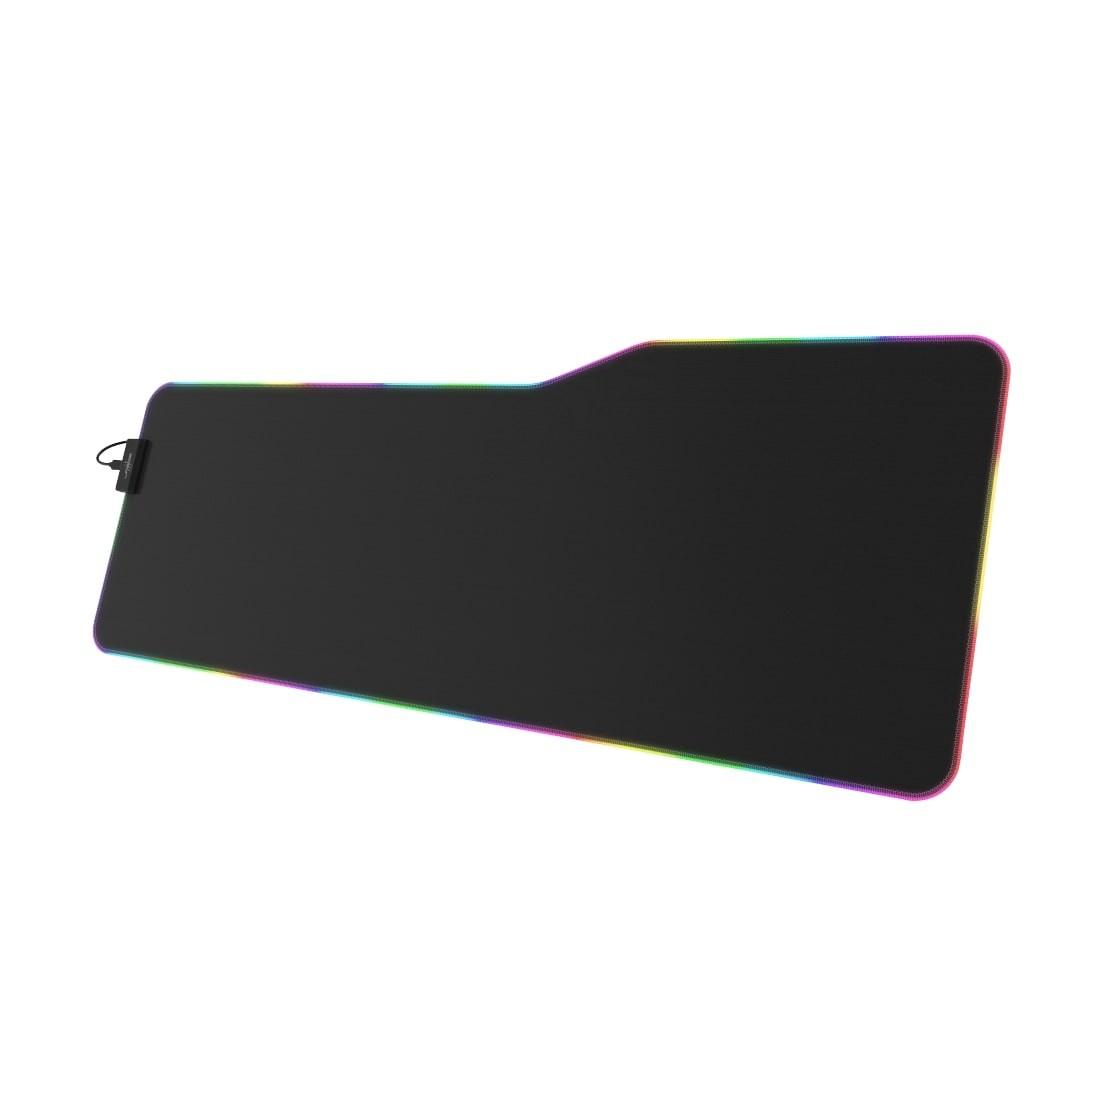 Podkładka pod mysz LED uRage Illuminated XXL